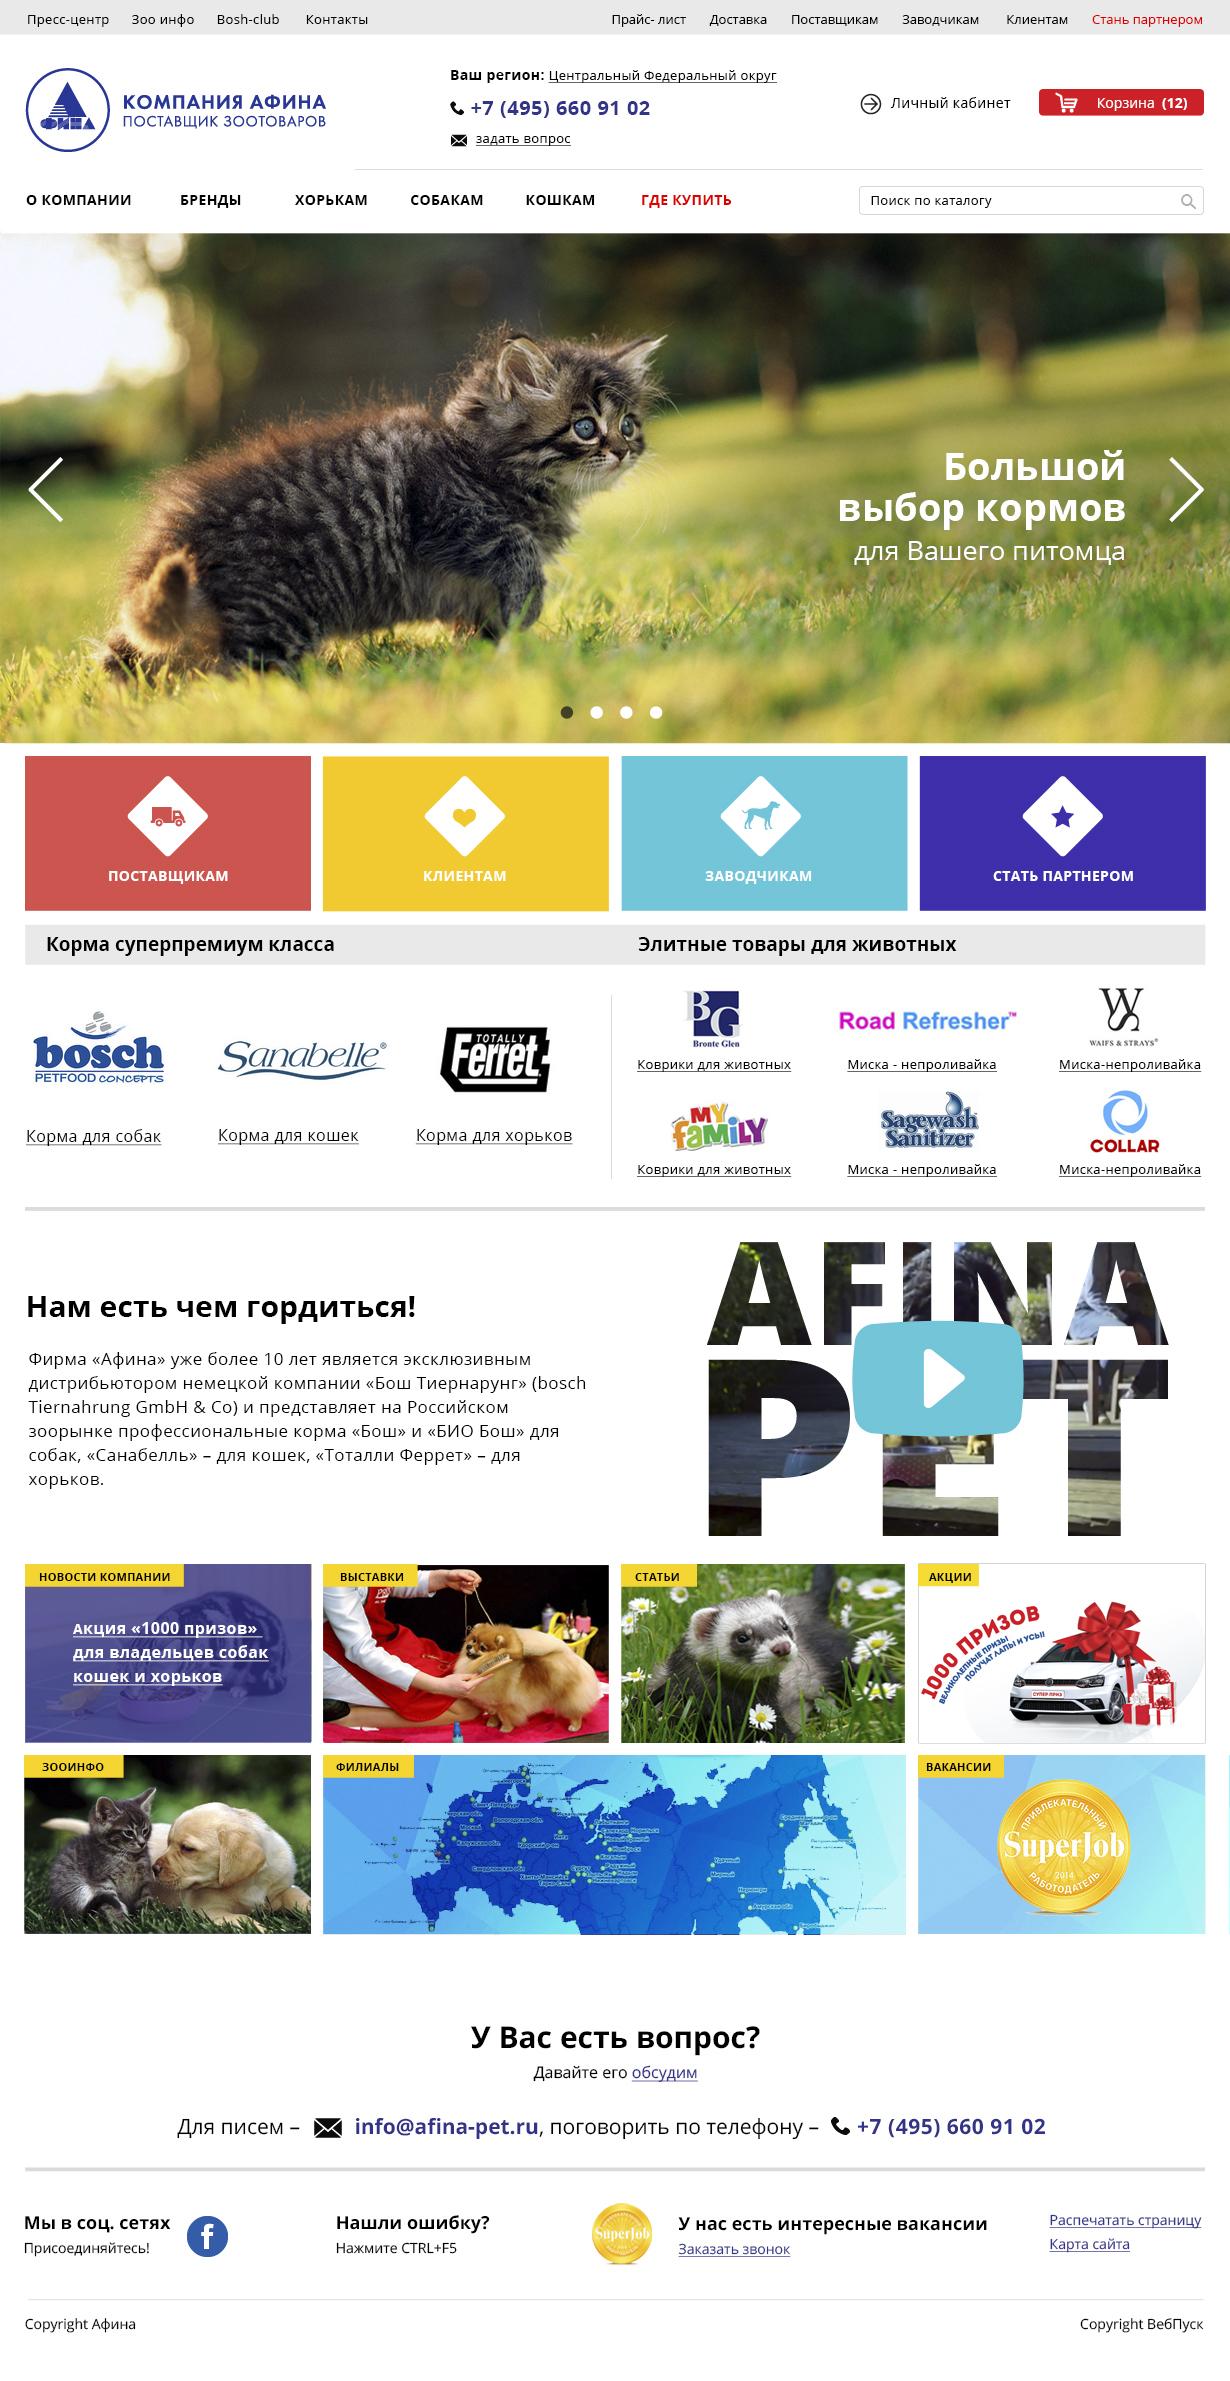 Фото В разработку сайта было включено:  1. Разработка прототипа сайта 2. Создание фирменного стиля 3. Создание дизайна для ПК и мобильной версии.